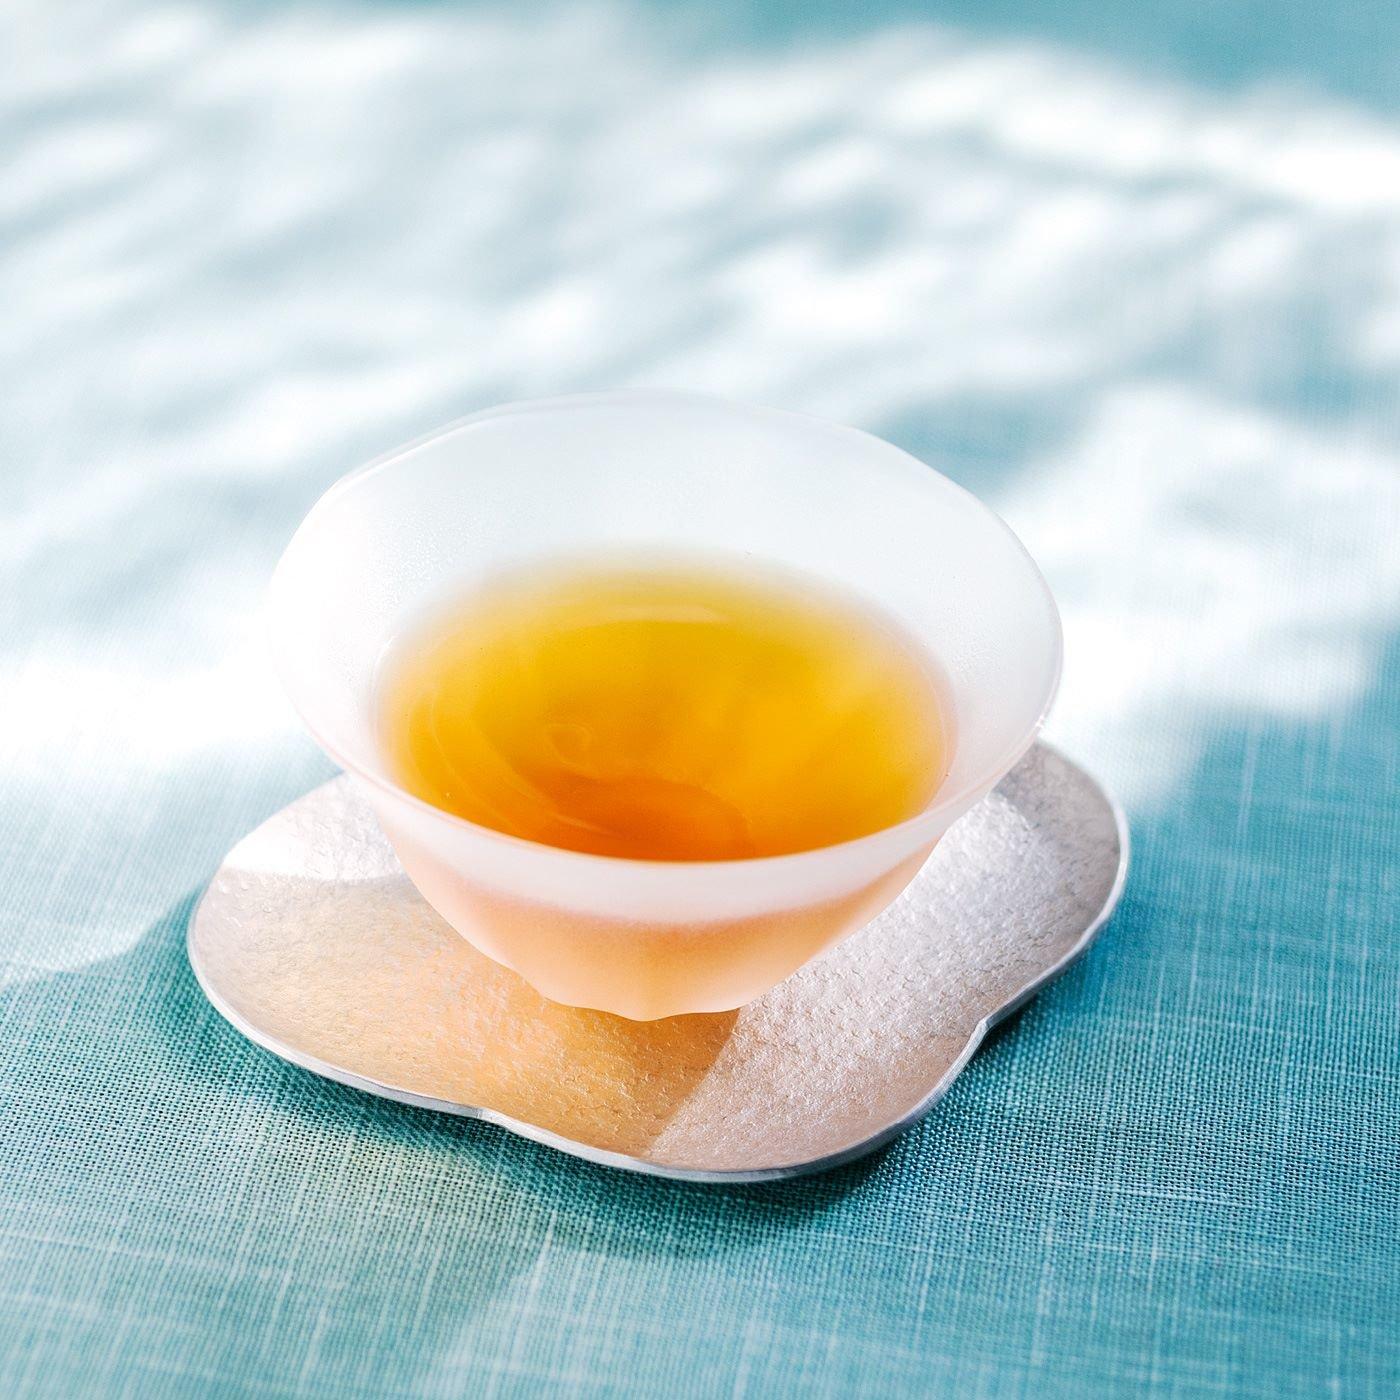 なでしこ すっきり茶 焙じ茶プラスの会